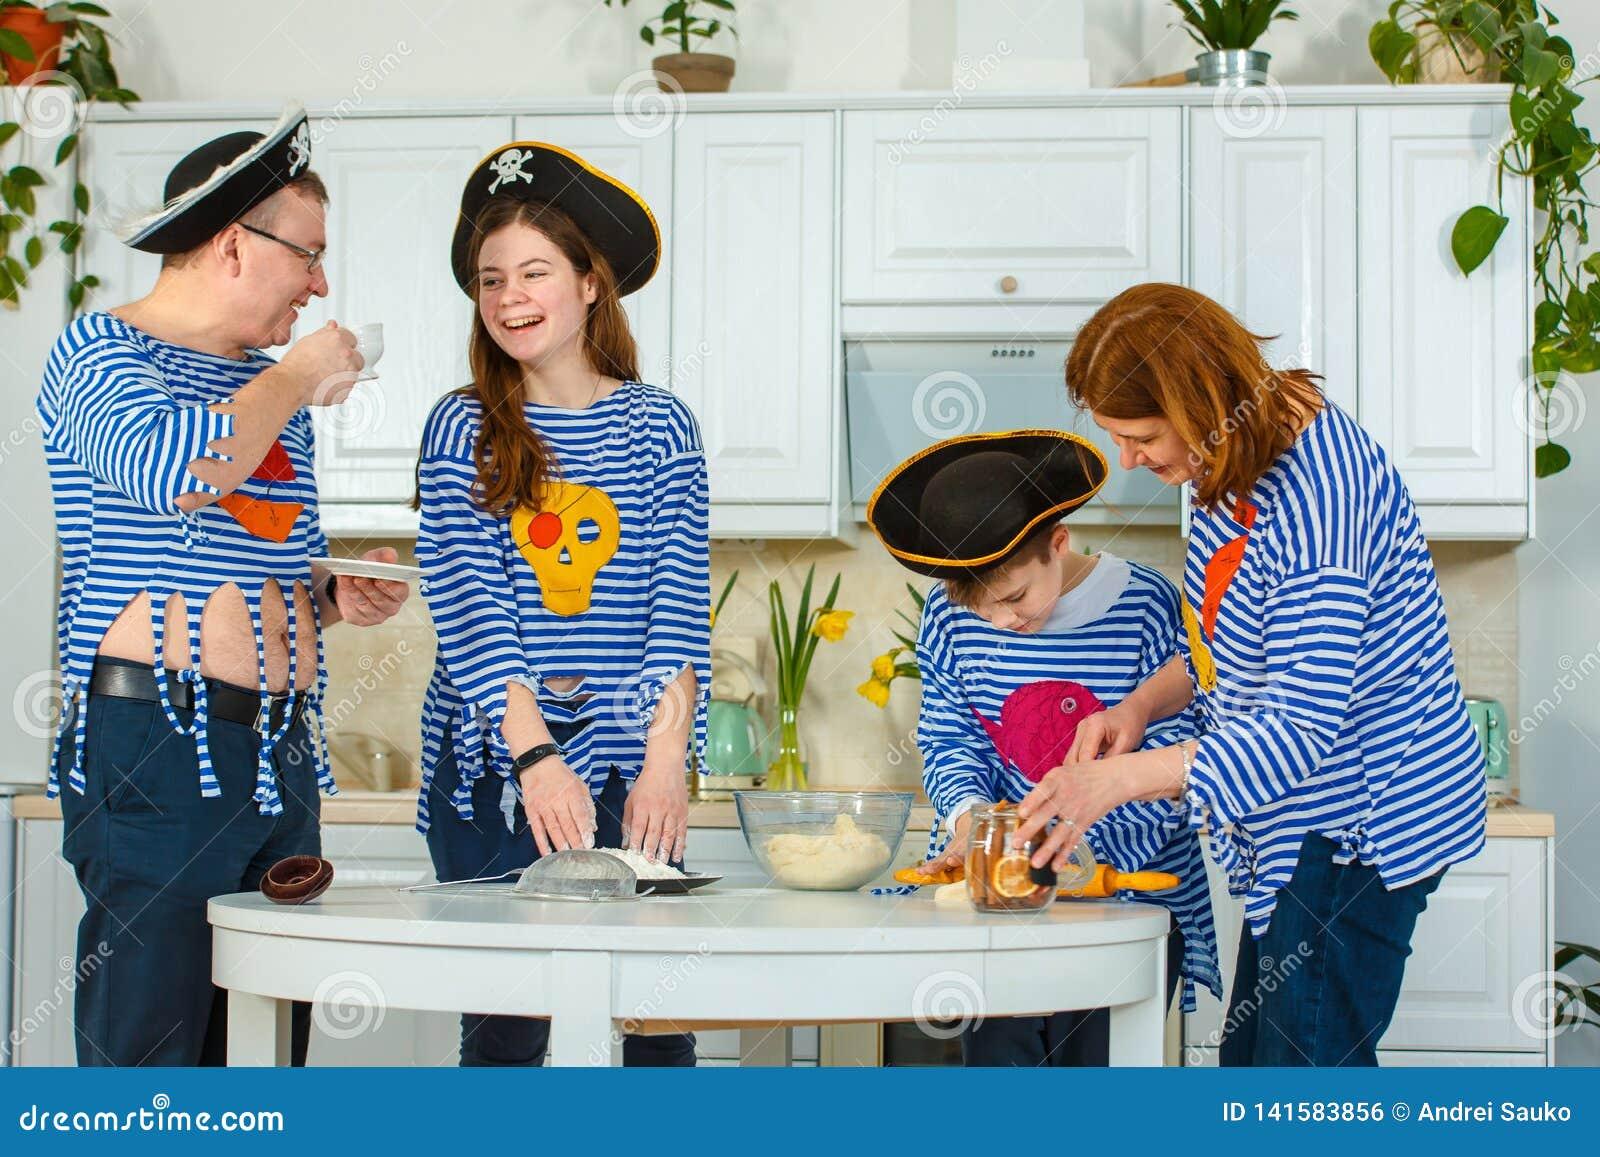 Die Familie kocht zusammen Ehemann, Frau und ihre Kinder in der Küche Familie knetet Teig mit Mehl